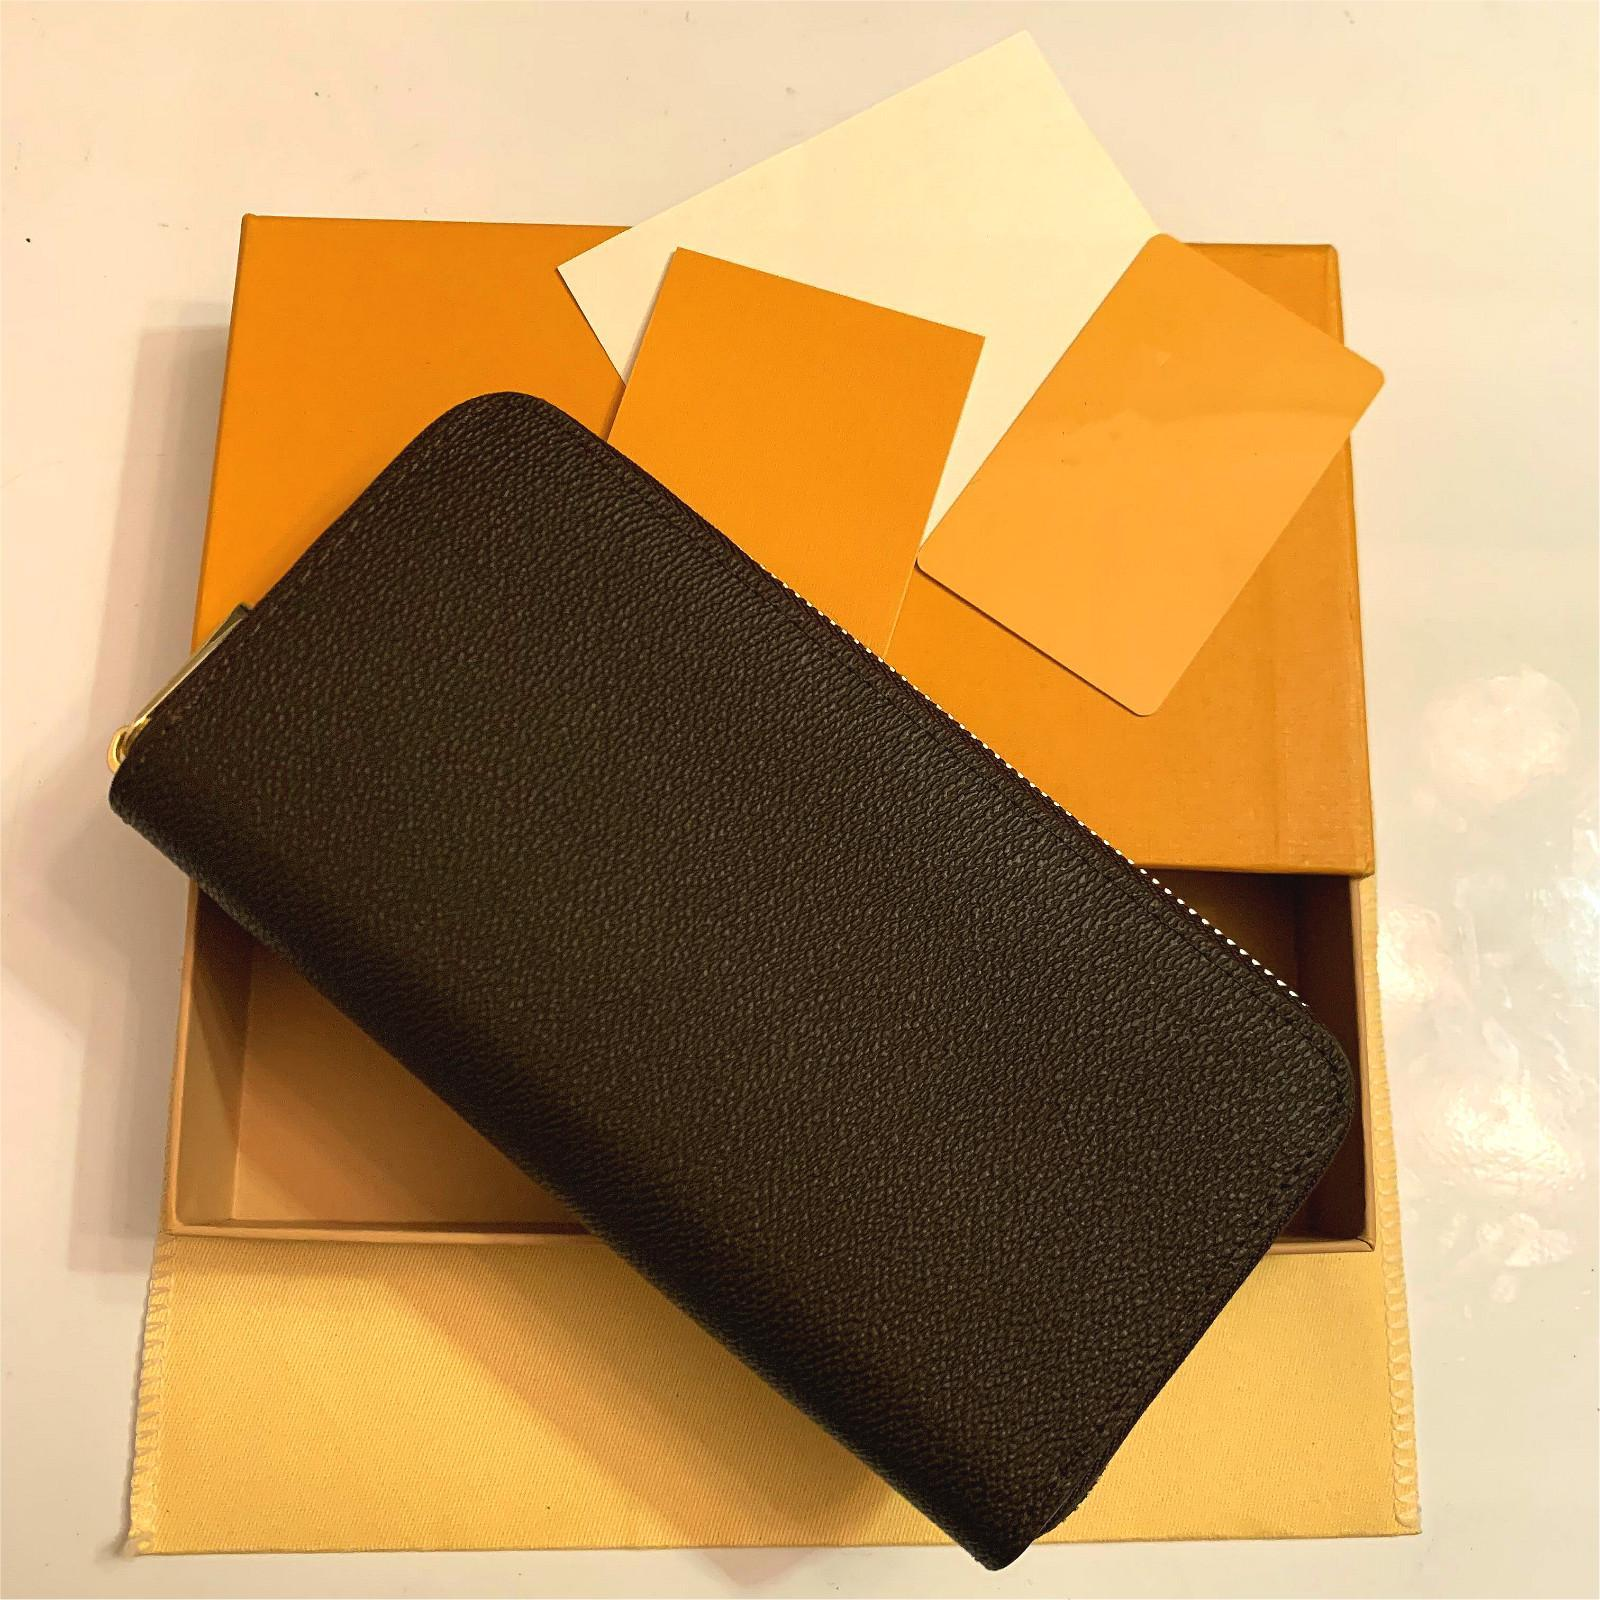 En Yüksek Kalite Moda Luxurys Yeni Akşam Çanta Sikke Çanta Kabartmalı Klasik Debriyaj Cüzdan Bayan Luxurys Tasarımcılar Cüzdan Kutusu Toz Çanta Ile